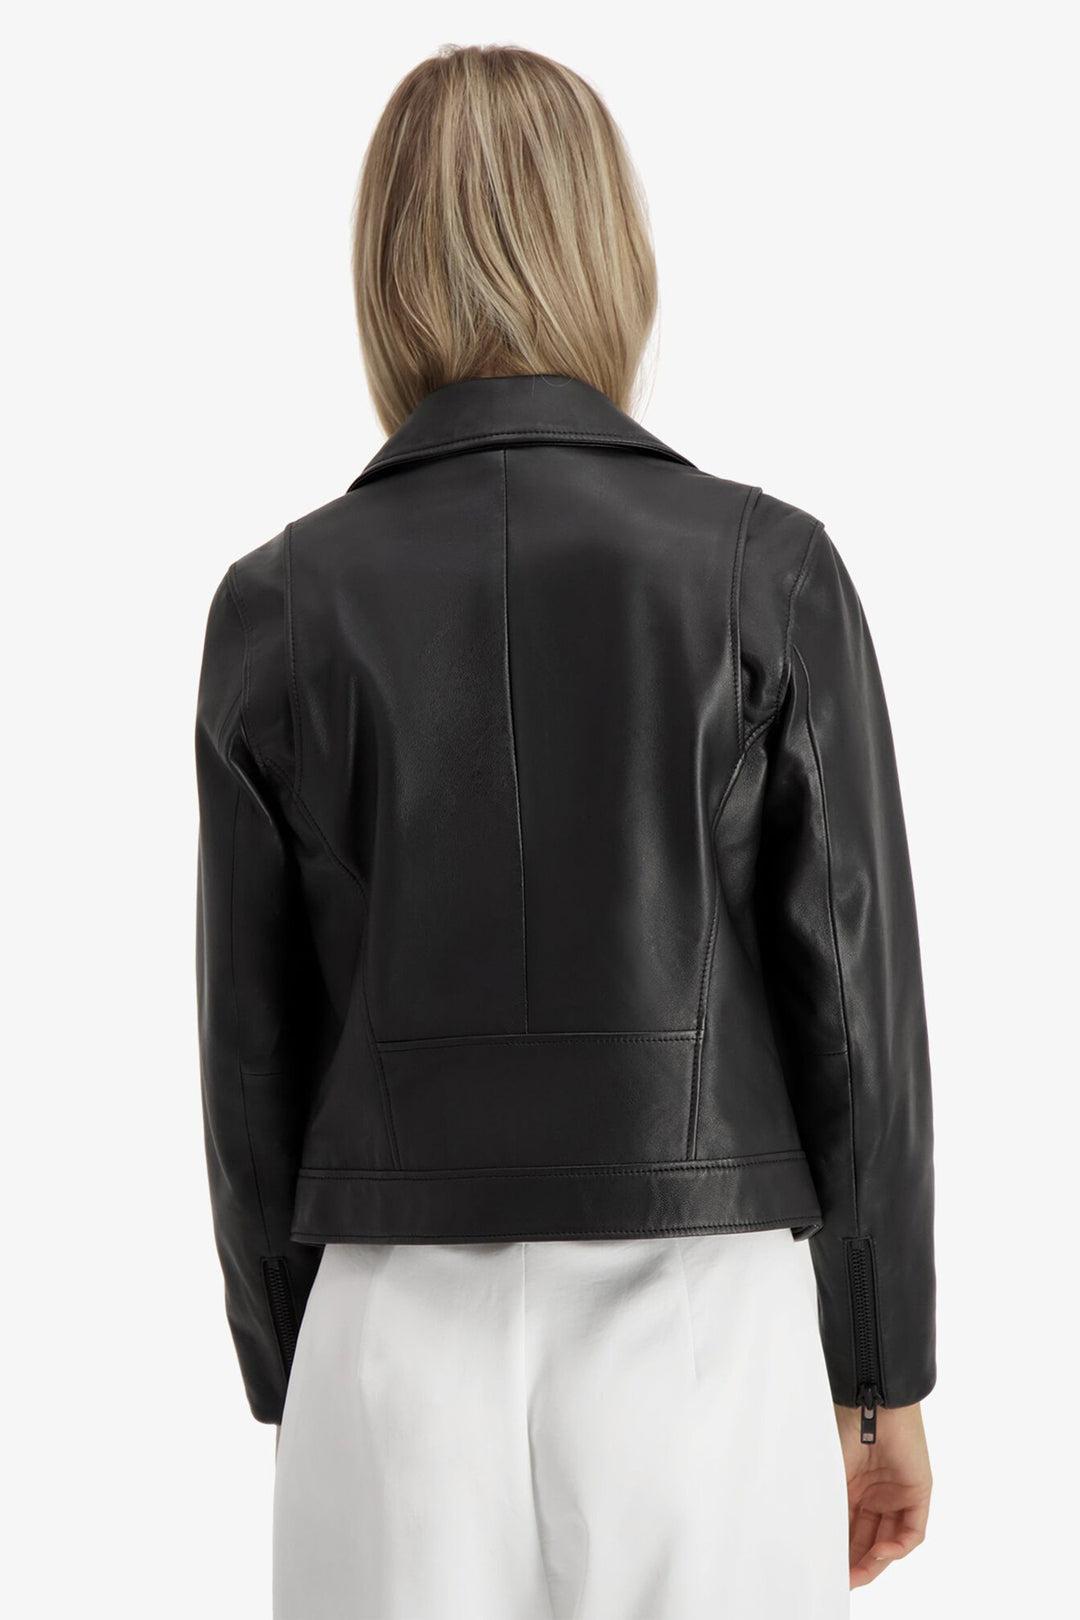 City leather jacket Jakker Klær